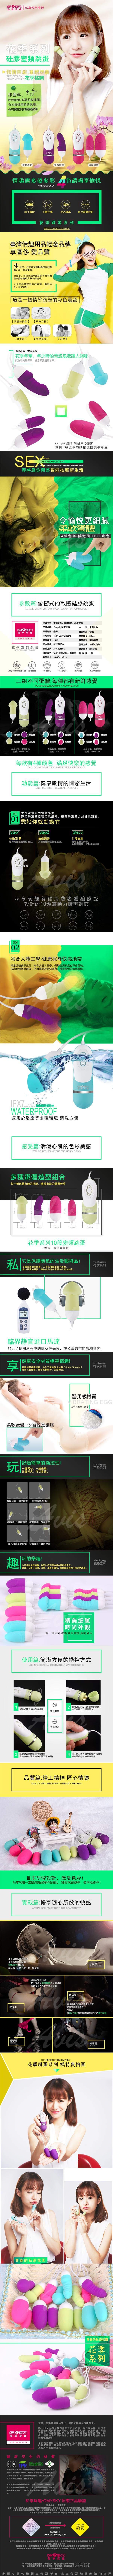 香港OmySky 珠簾蜜語 10段變頻花季系列矽膠防水雙跳蛋  湖藍